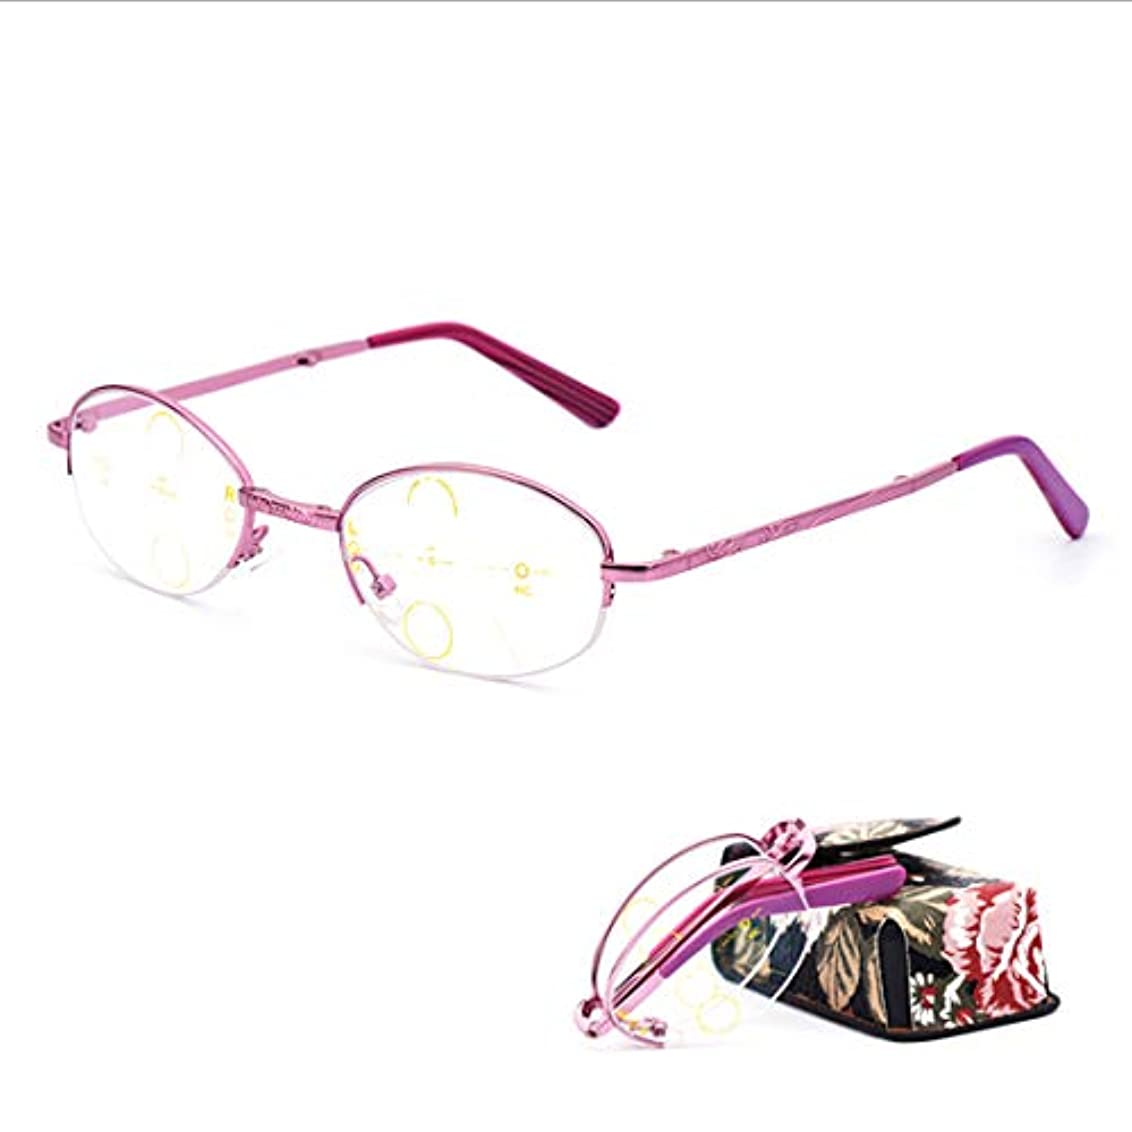 折りたたみ式携帯用老眼鏡、遠近両用プログレッシブマルチフォーカス、インテリジェントオートズーム、ファッションレディースメガネ